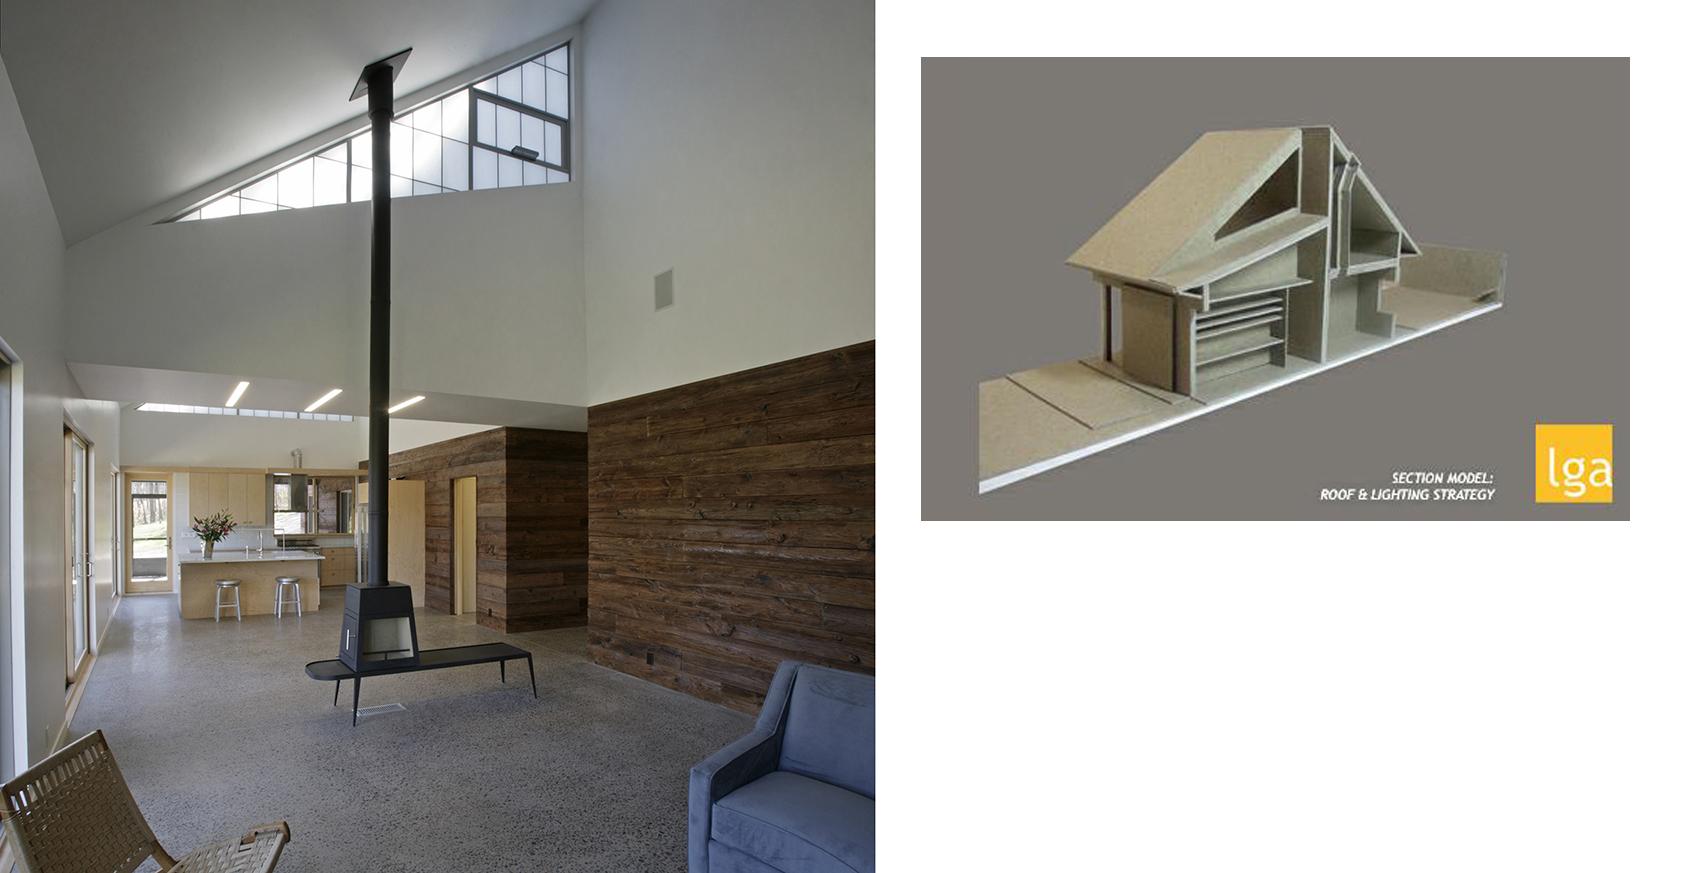 BK House 5 - SECTION MODEL